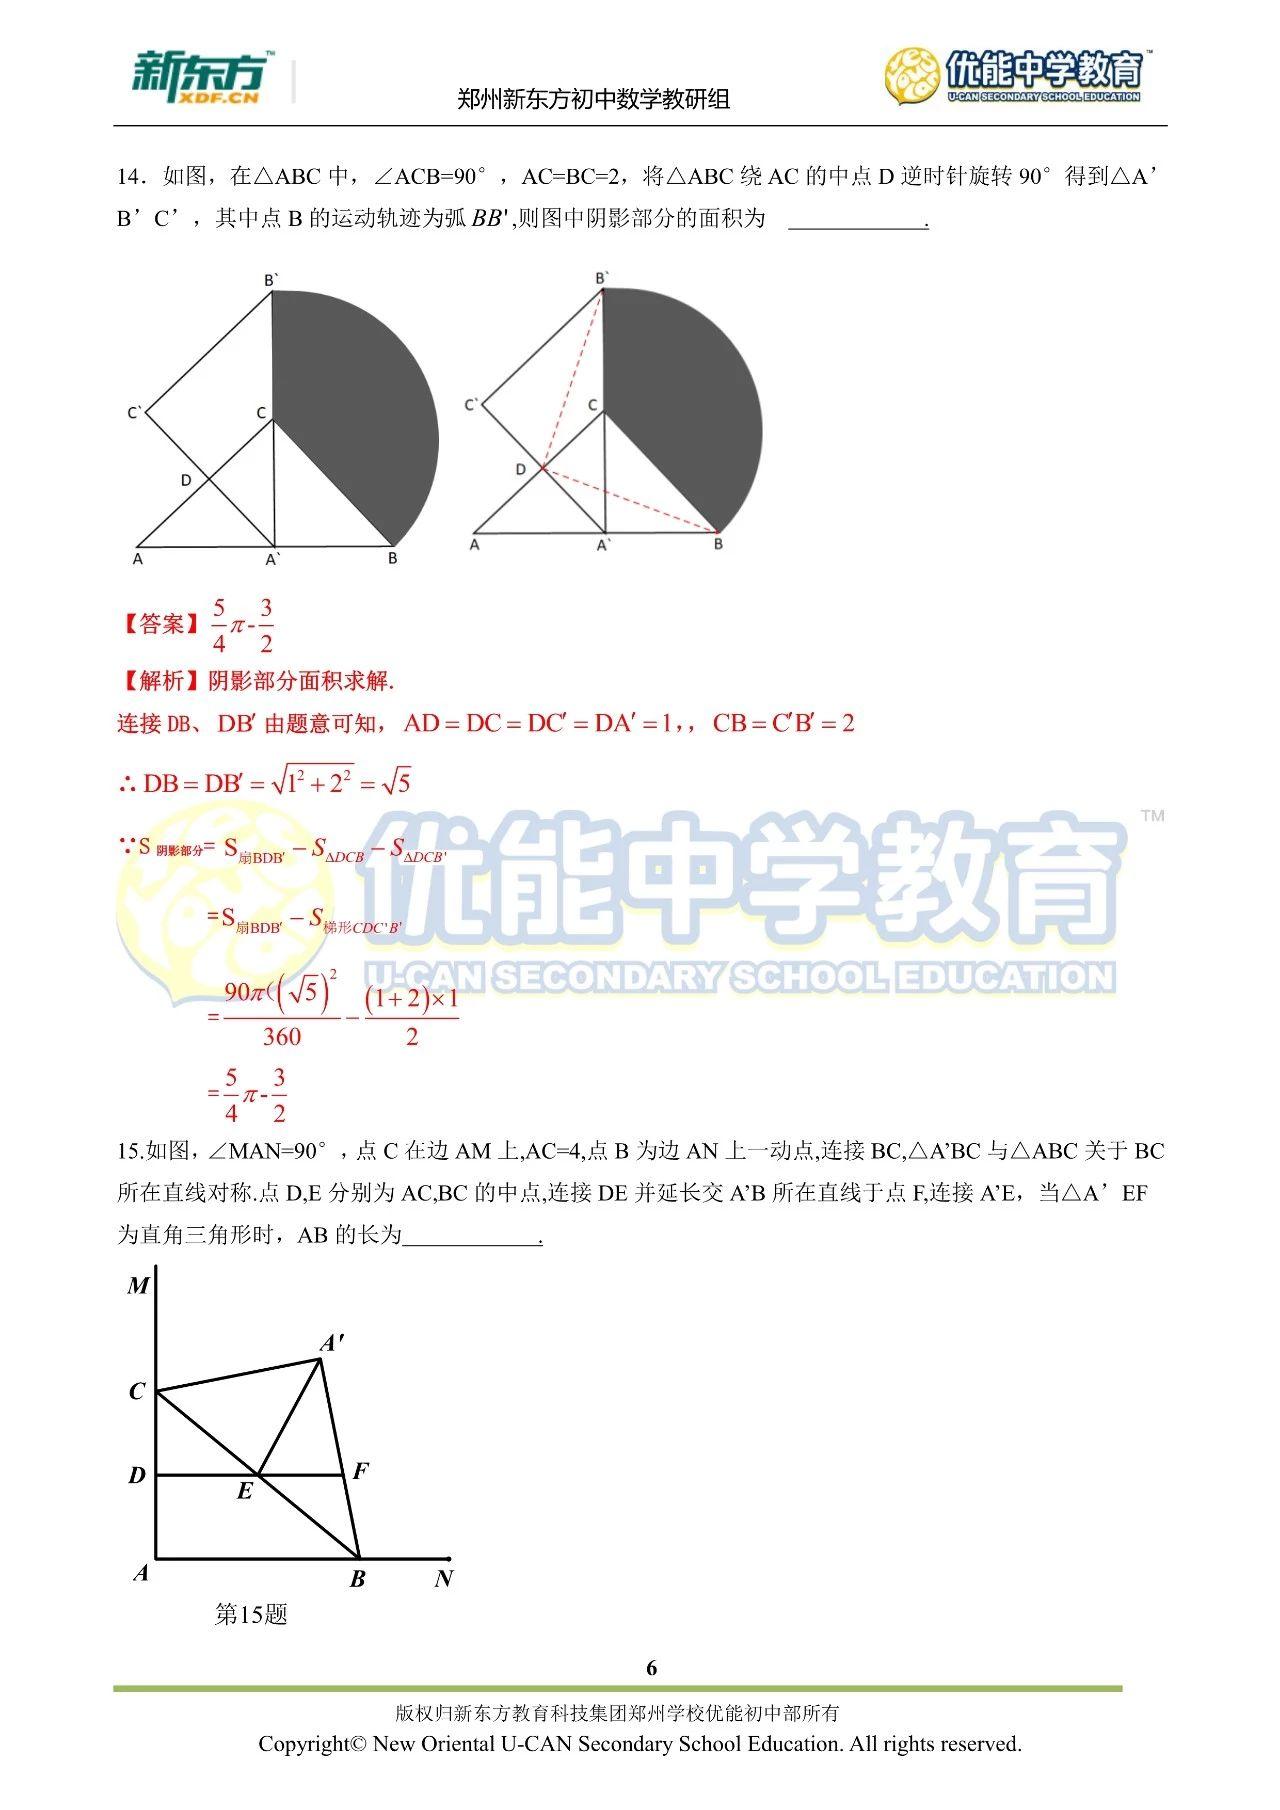 2018河南中考数学试题及答案解析